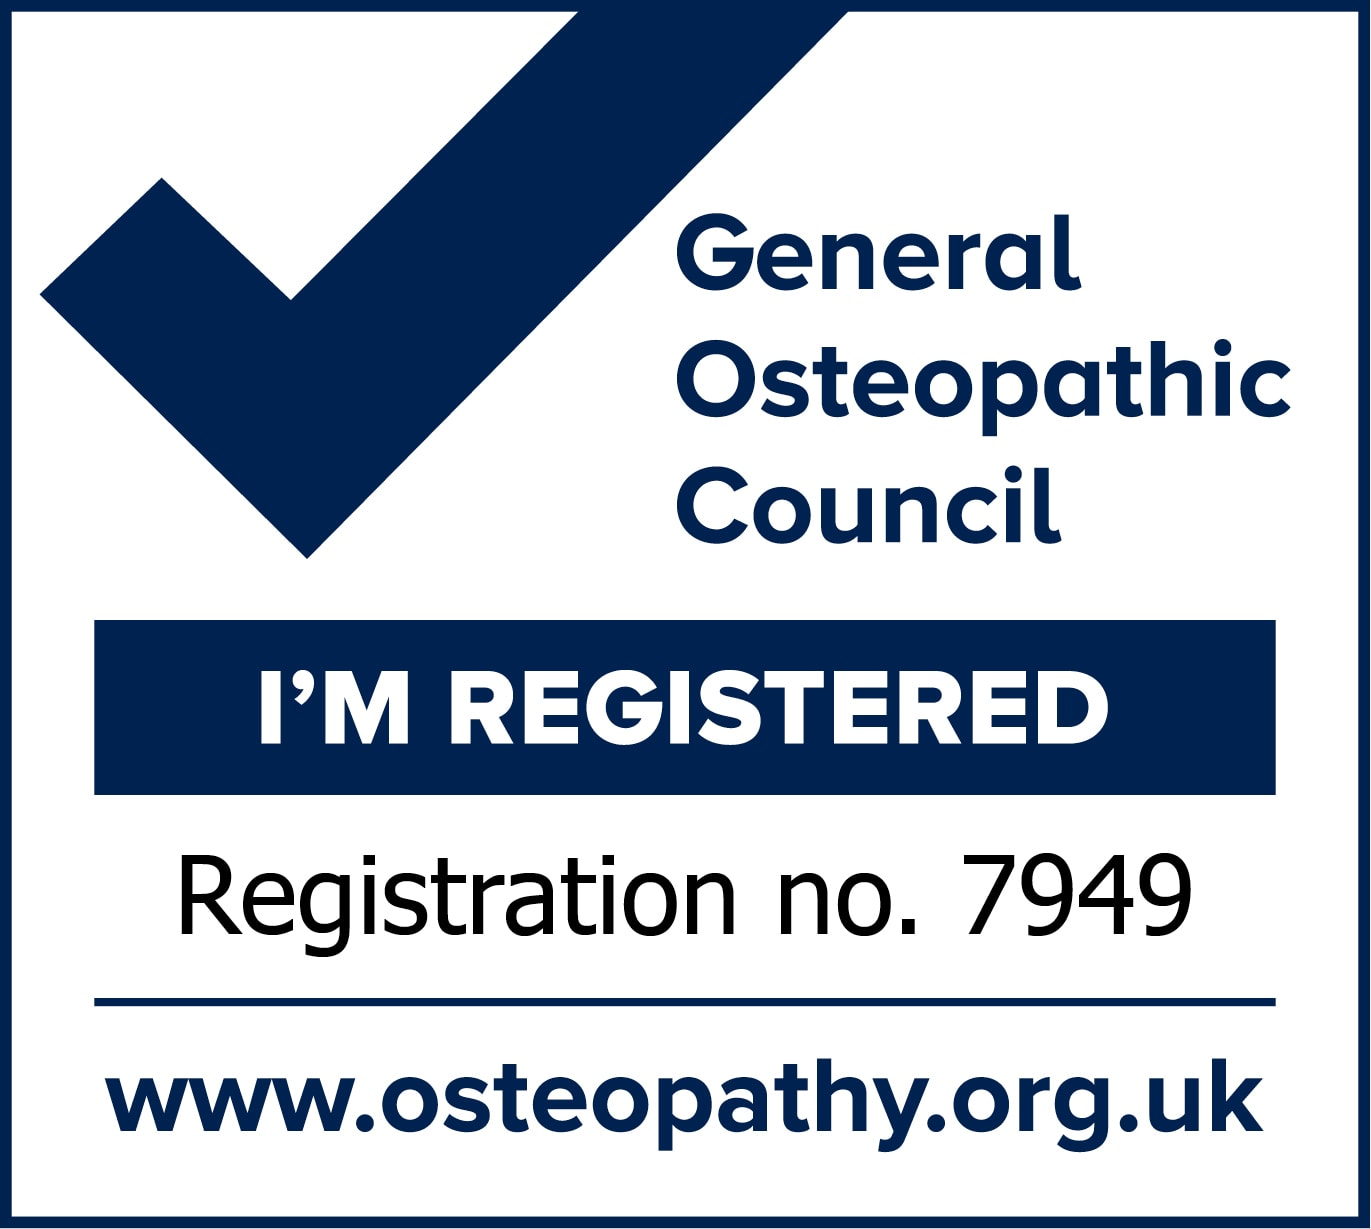 Emma Goffe I'm Registered Mark 7949